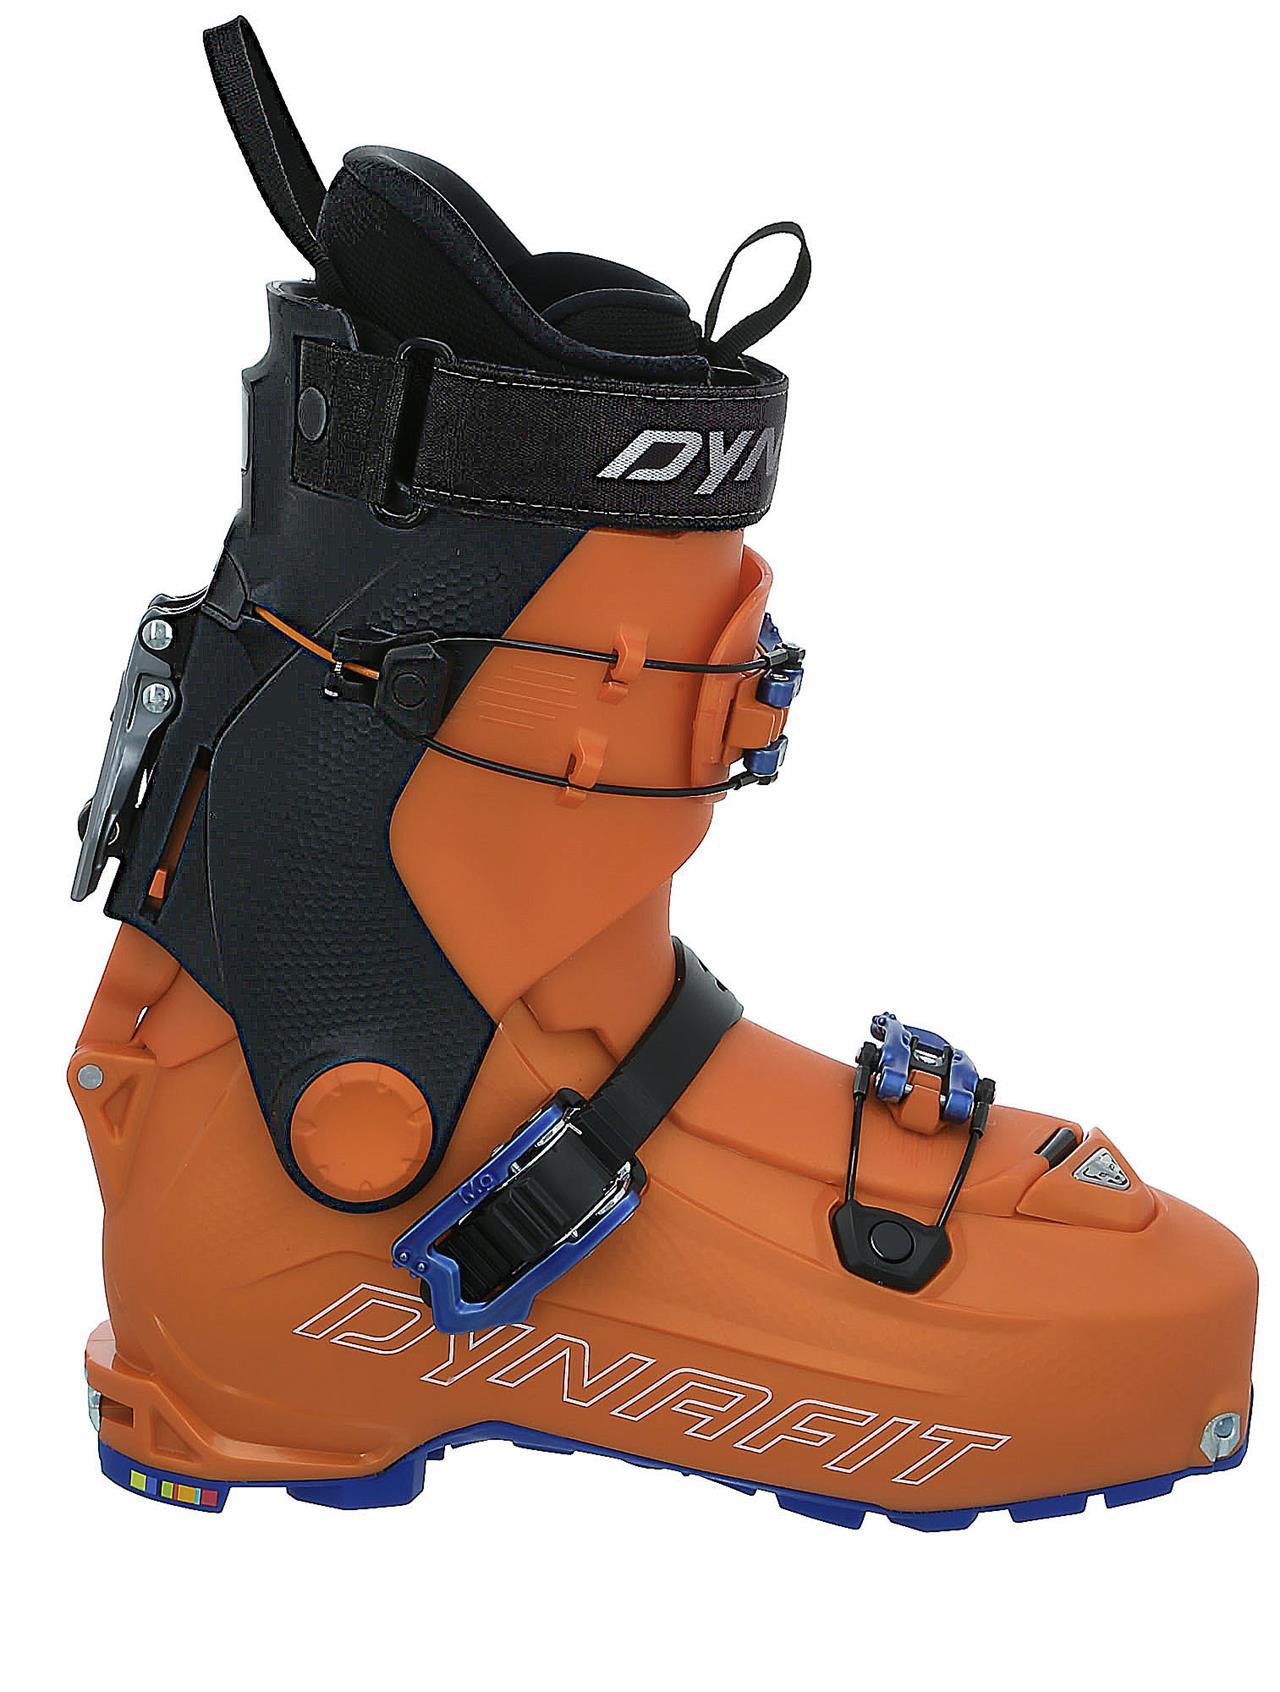 Hoji PX Ski touring boots - Men